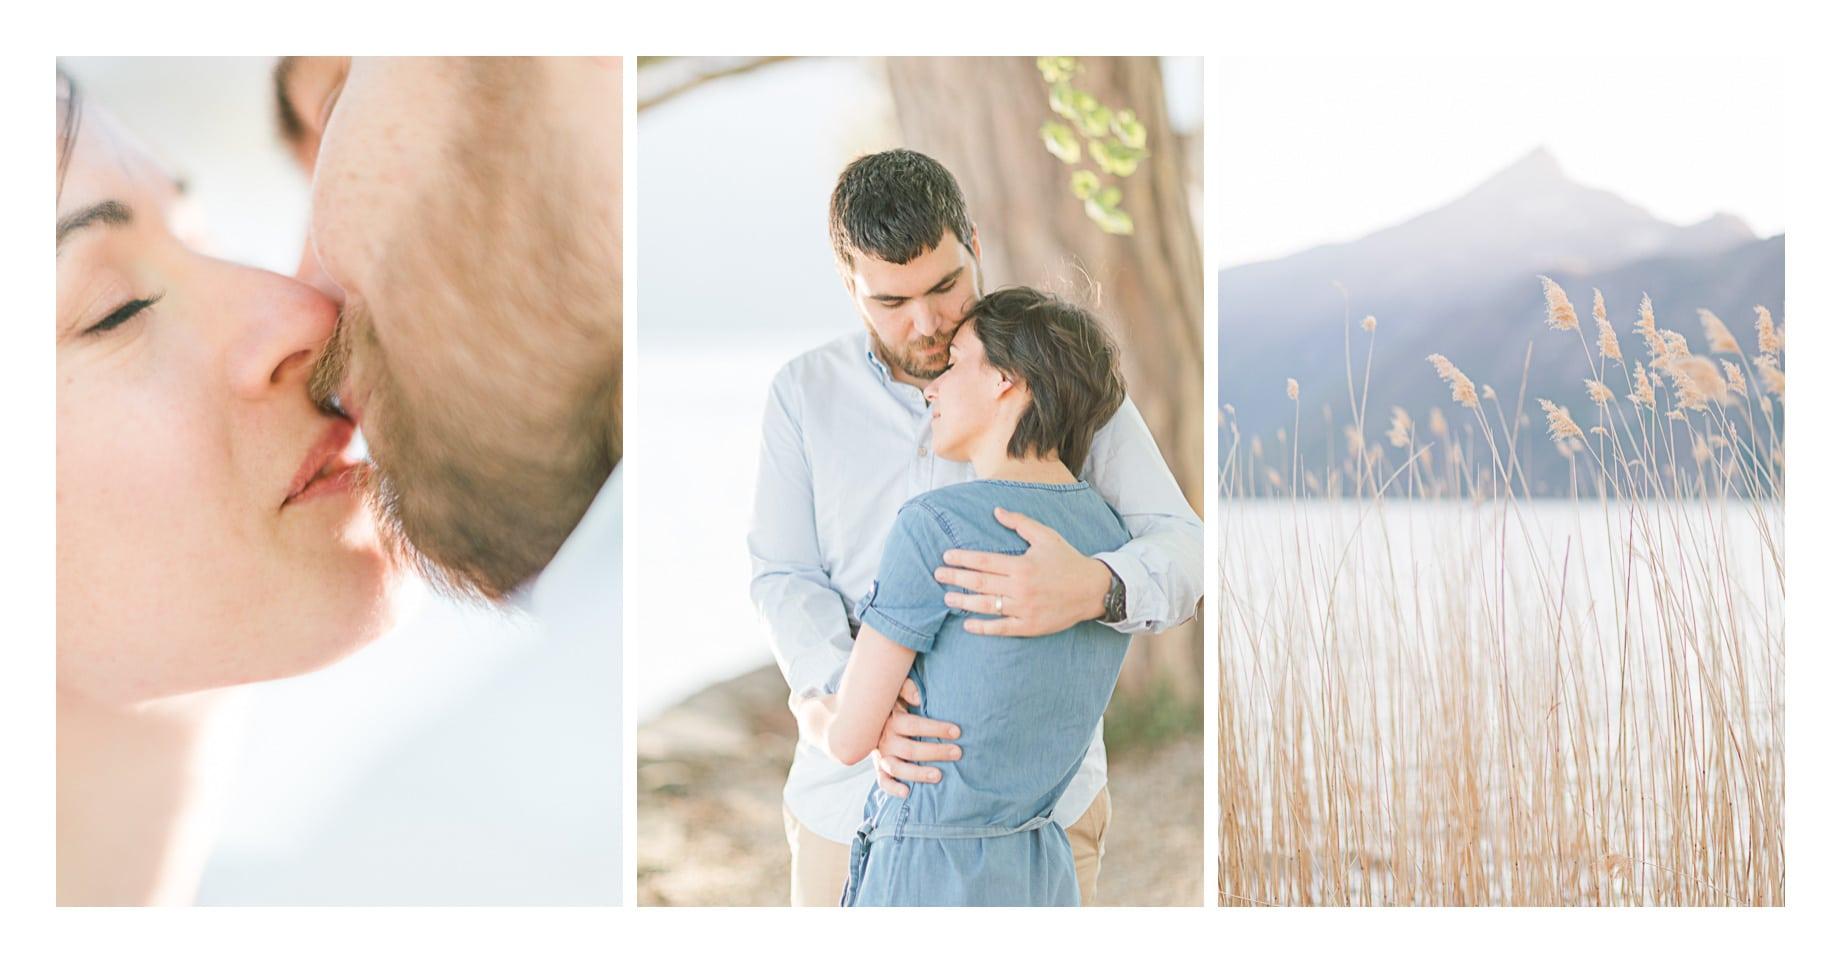 photographe portrait couple mariage annecy lyon geneve lausanne julien bonjour julien bonjour